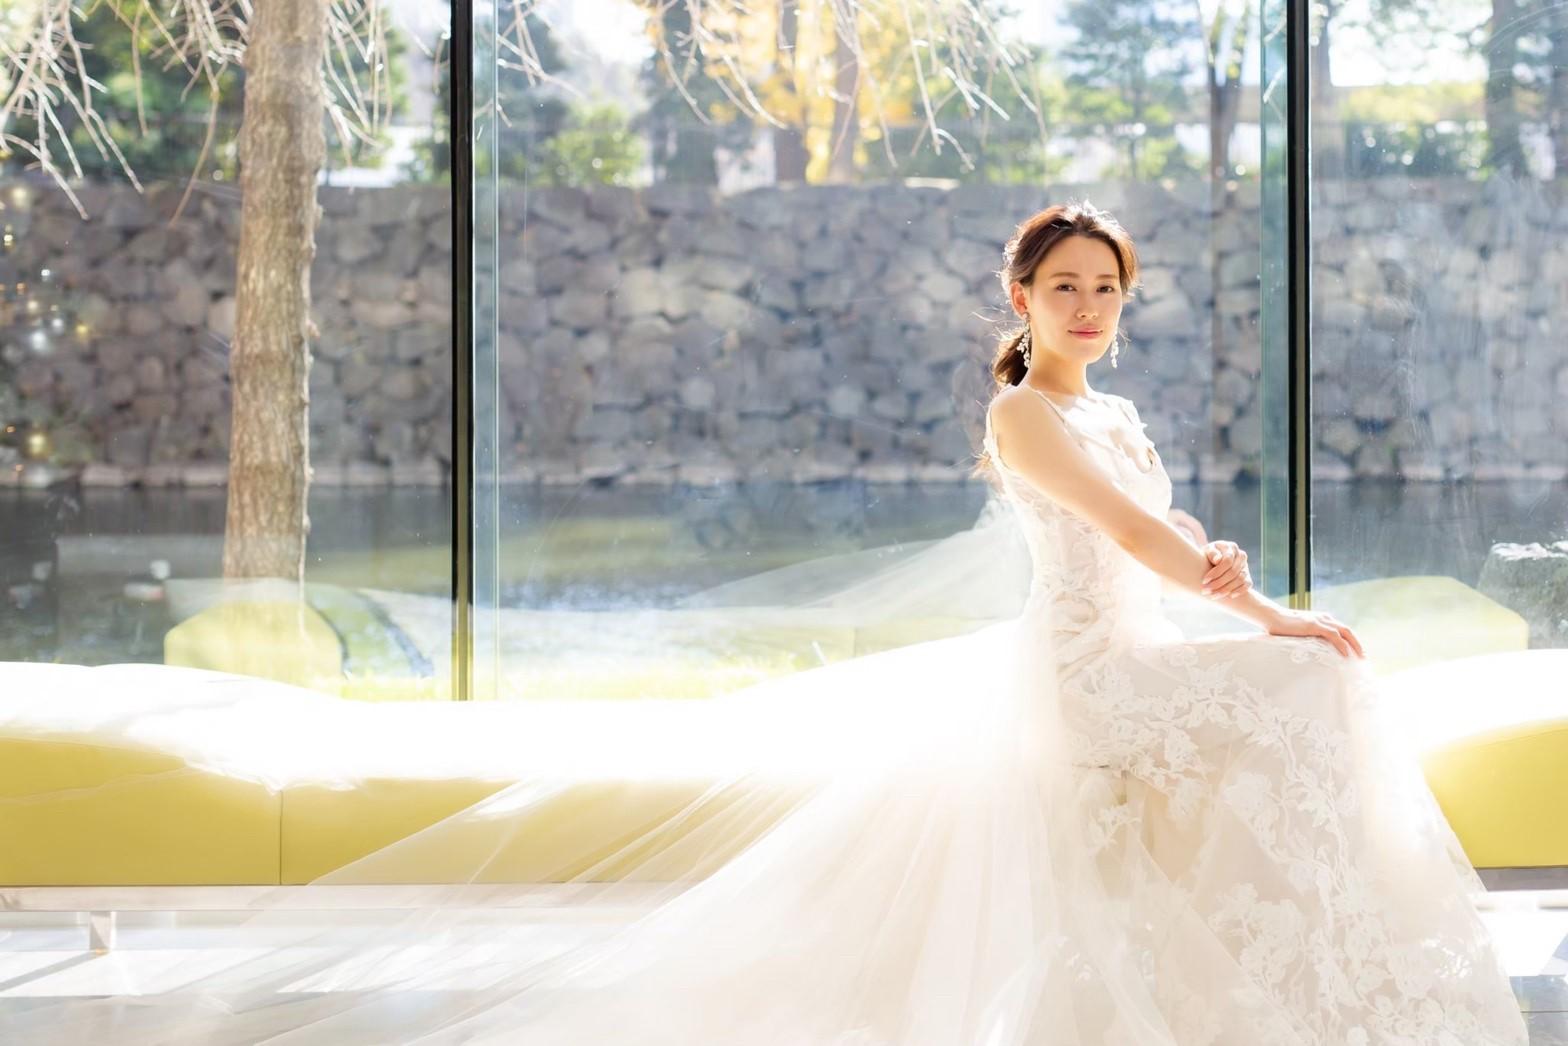 日本の花嫁に大人気のMonique Lhuillierの総レースのマーメイドラインにチュールトレーンがついた2Wayタイプのウェディングドレスが華やかな印象を与えます